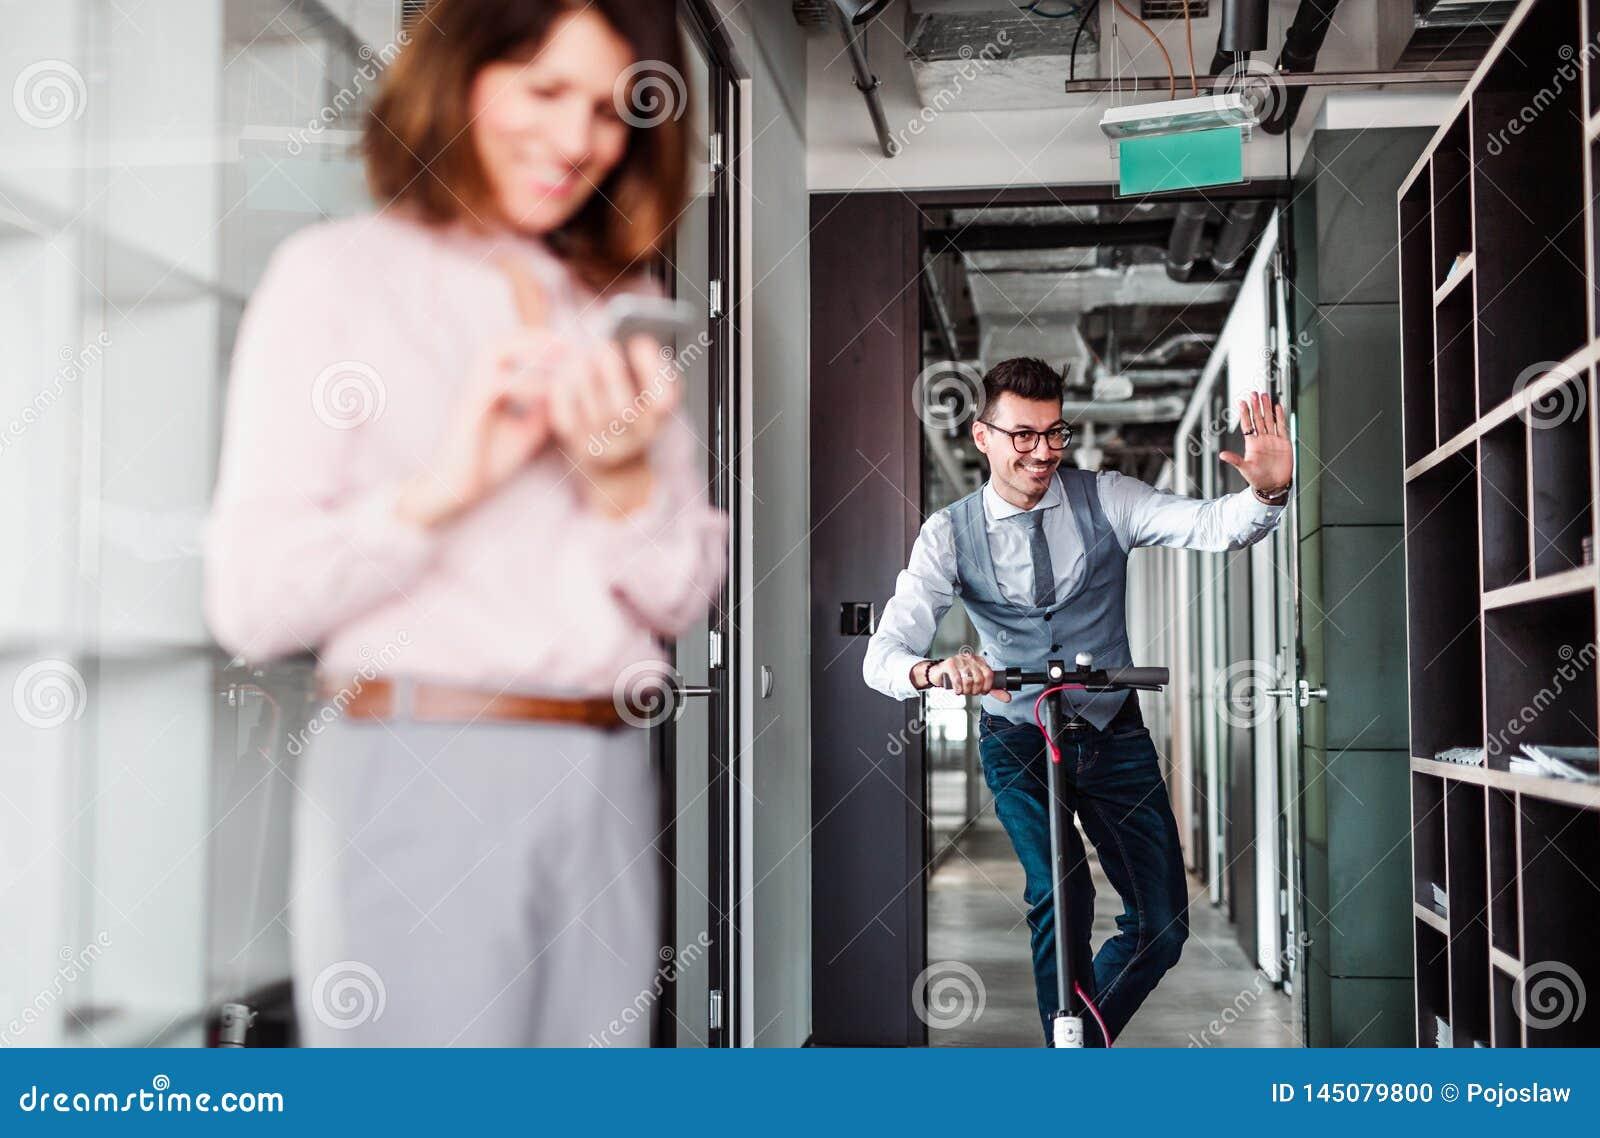 Homem de negócios novo com  trotinette  em um prédio de escritórios, tomando uma ruptura